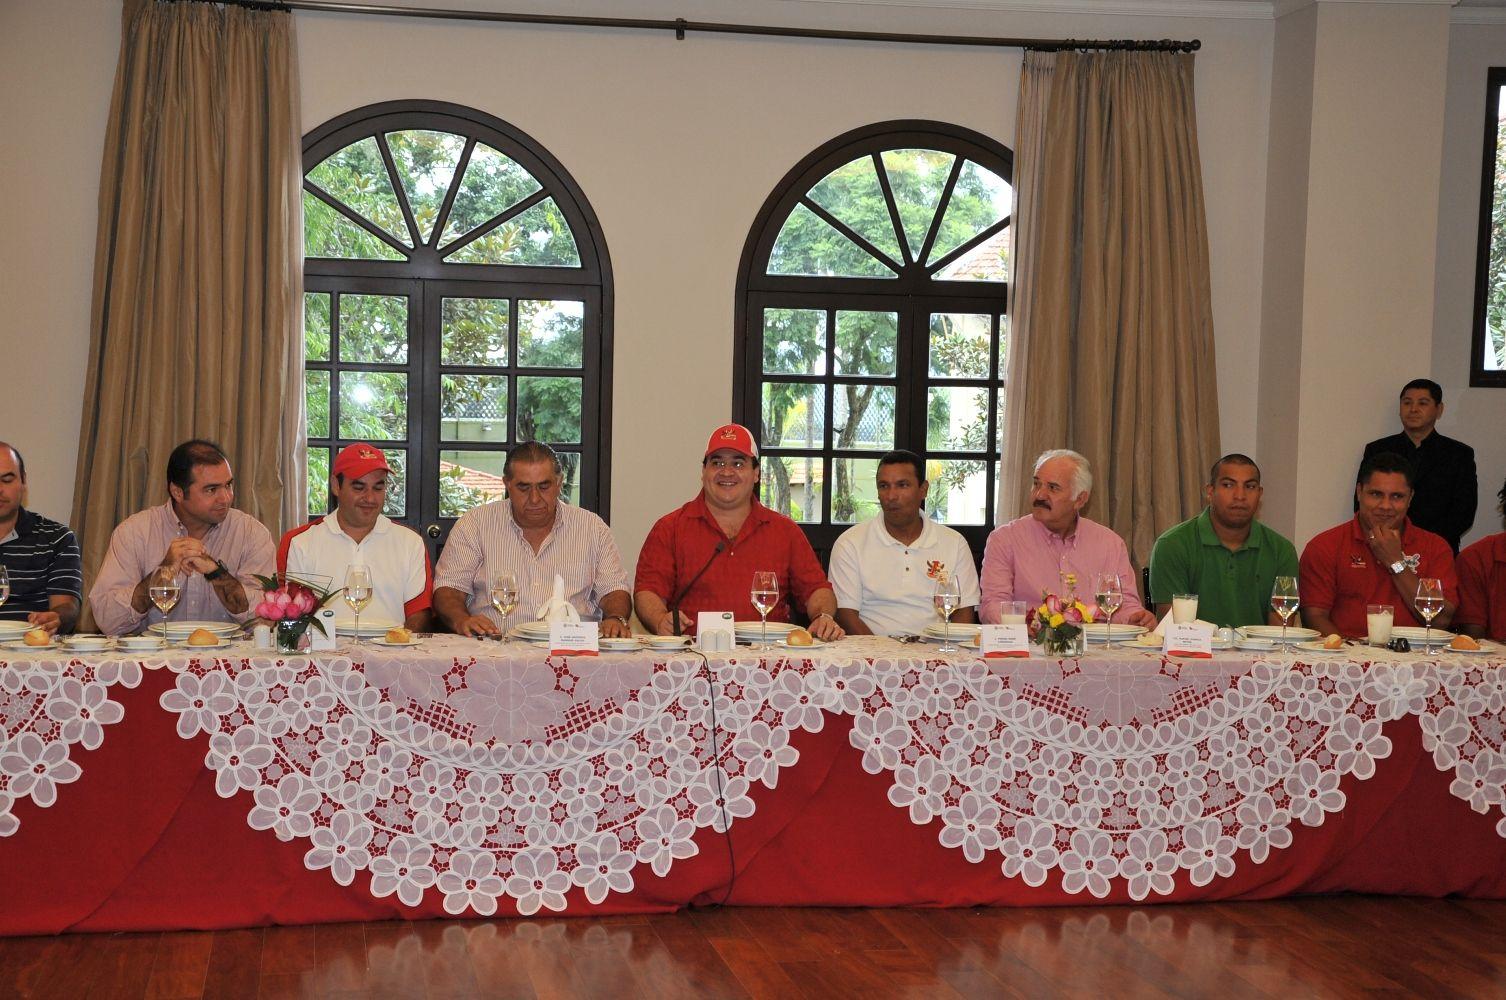 Al reunirse el gobernador Javier Duarte de Ochoa con los campeones de la Zona Sur de la Liga Mexicana de Béisbol, los Rojos del Águila, en Casa Veracruz, mencionó que este sexenio será considerado como el de mayor inversión en materia deportiva en la entidad.